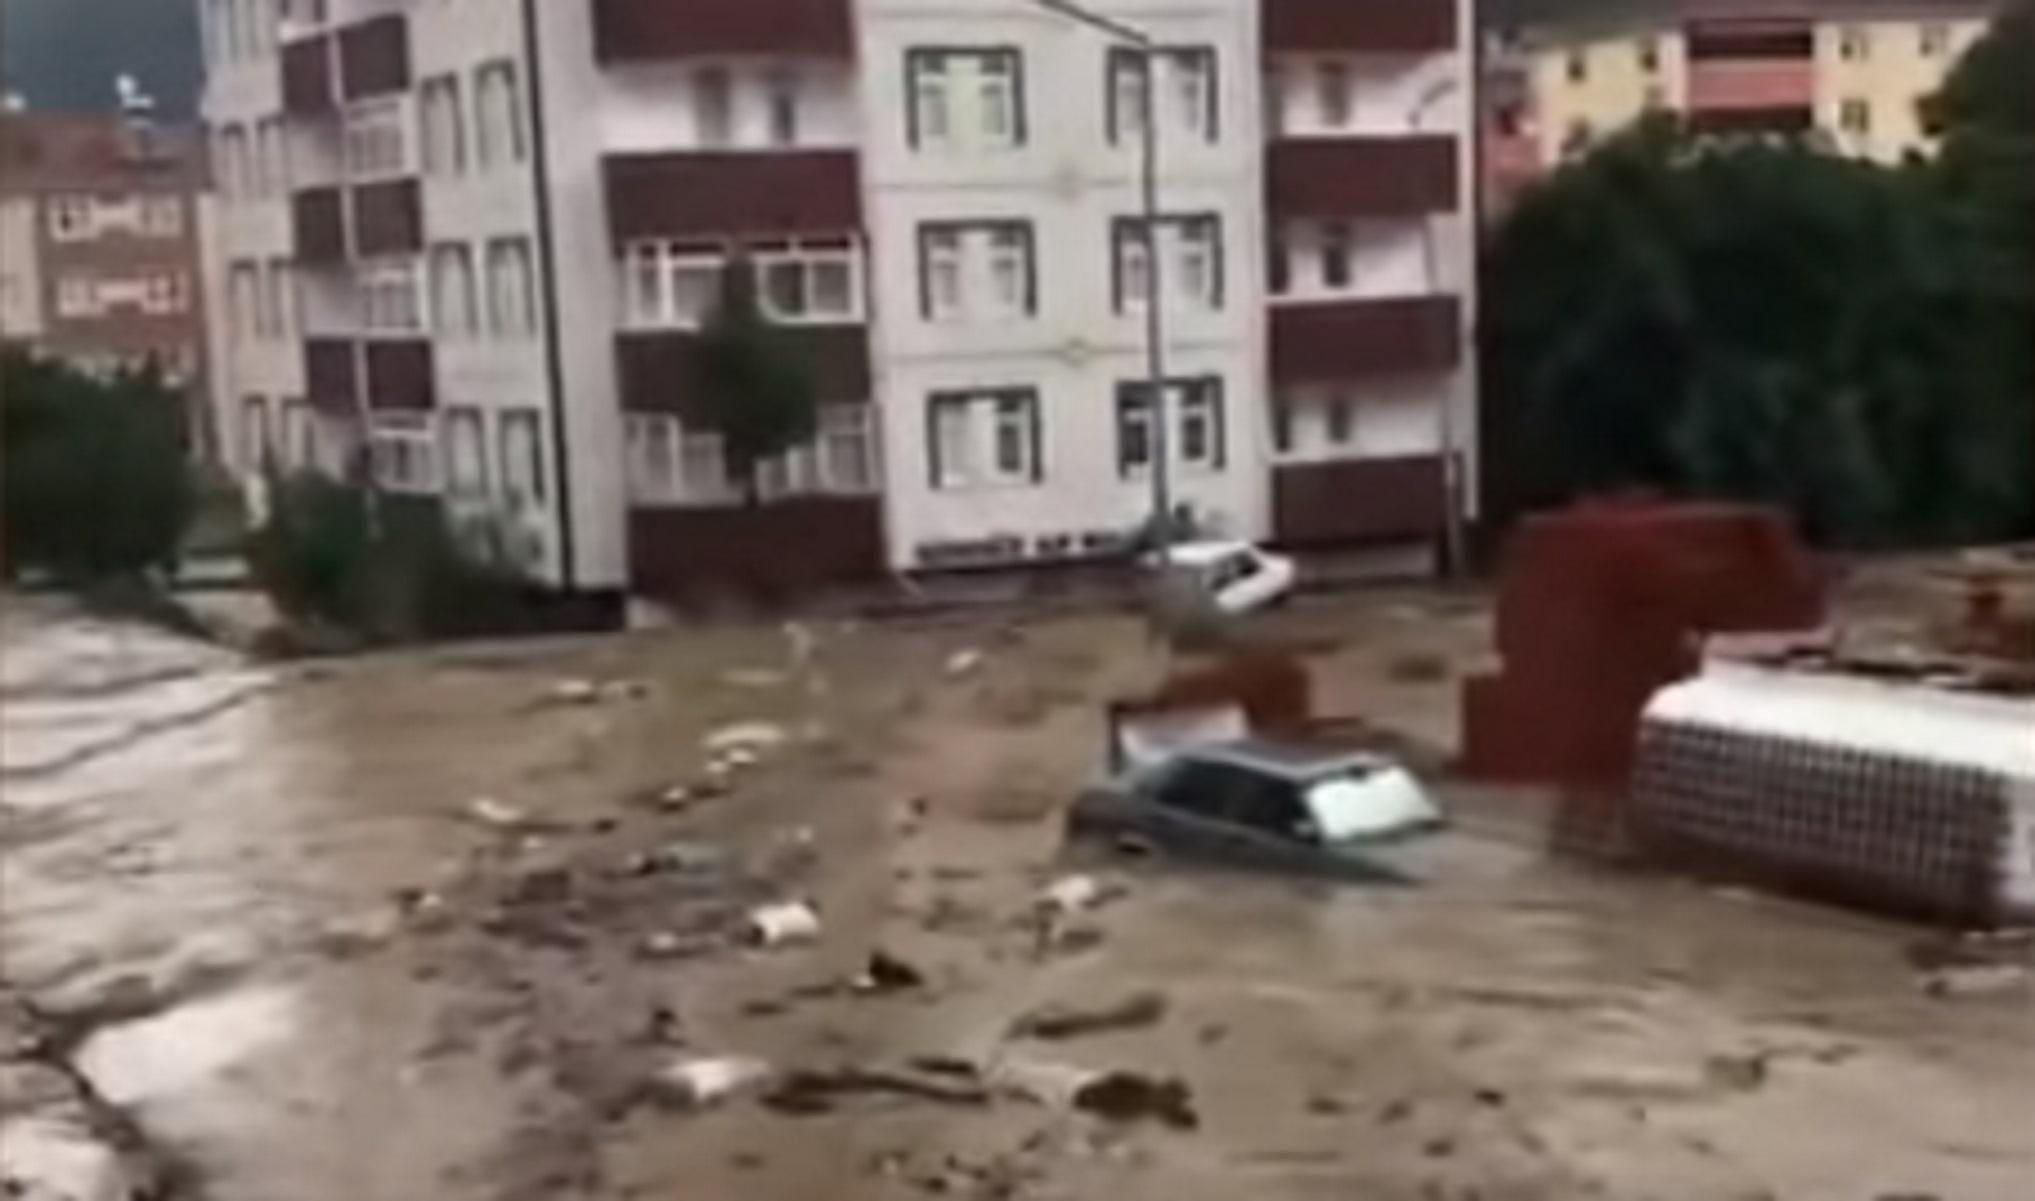 Τουρκία: Τουλάχιστον 9 νεκροί από τις σαρωτικές πλημμύρες – Τέσσερα μέτρα η στάθμη των νερών